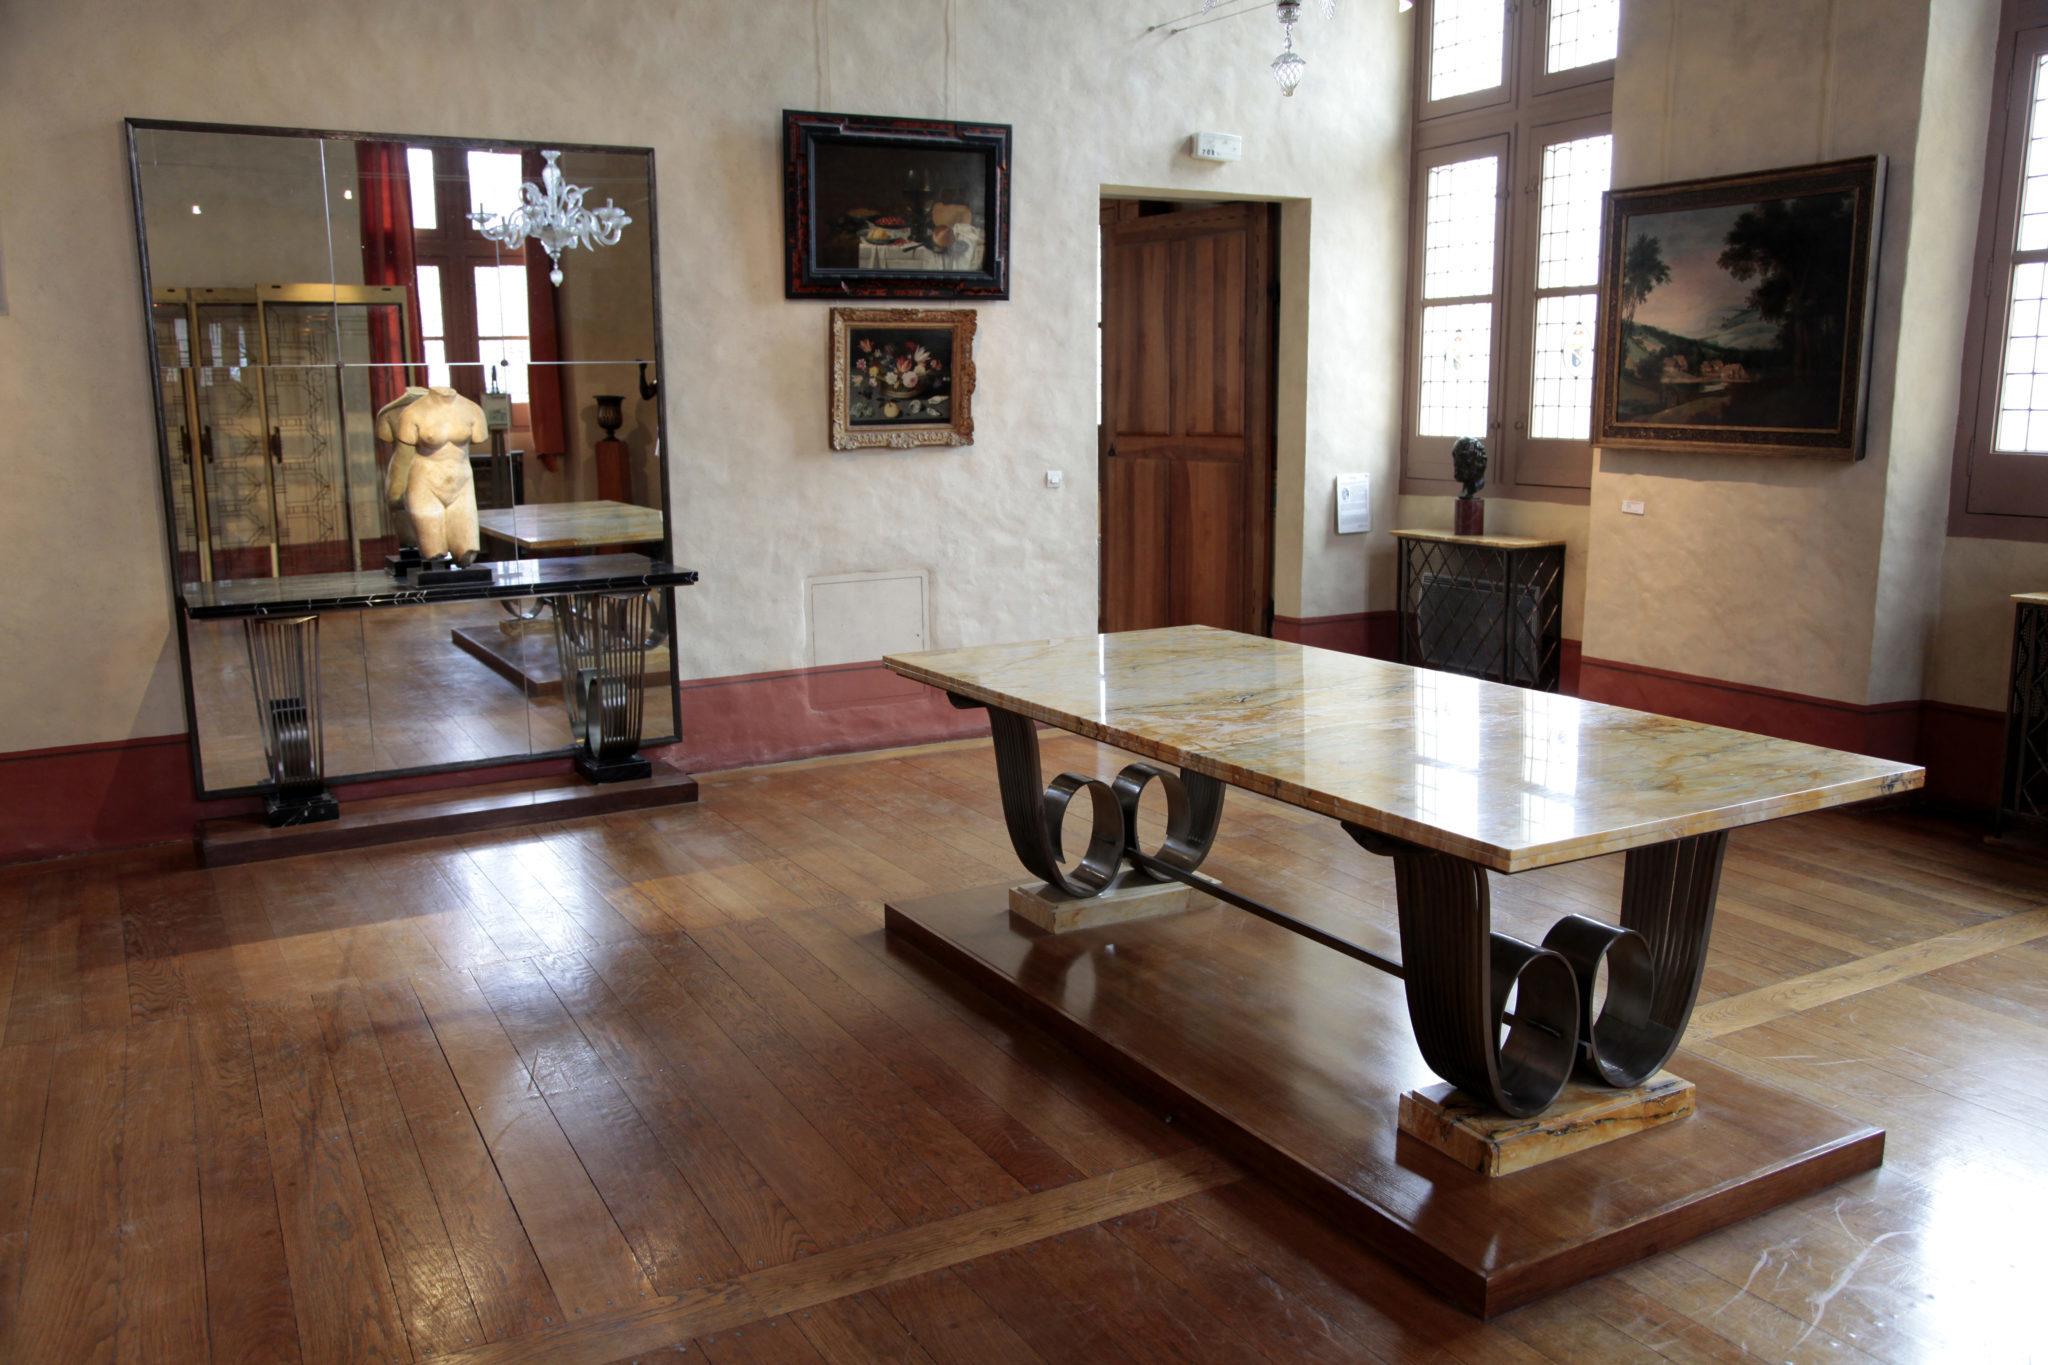 Salle de la collection Marrey, Musées de Sens - cl. E. Berry